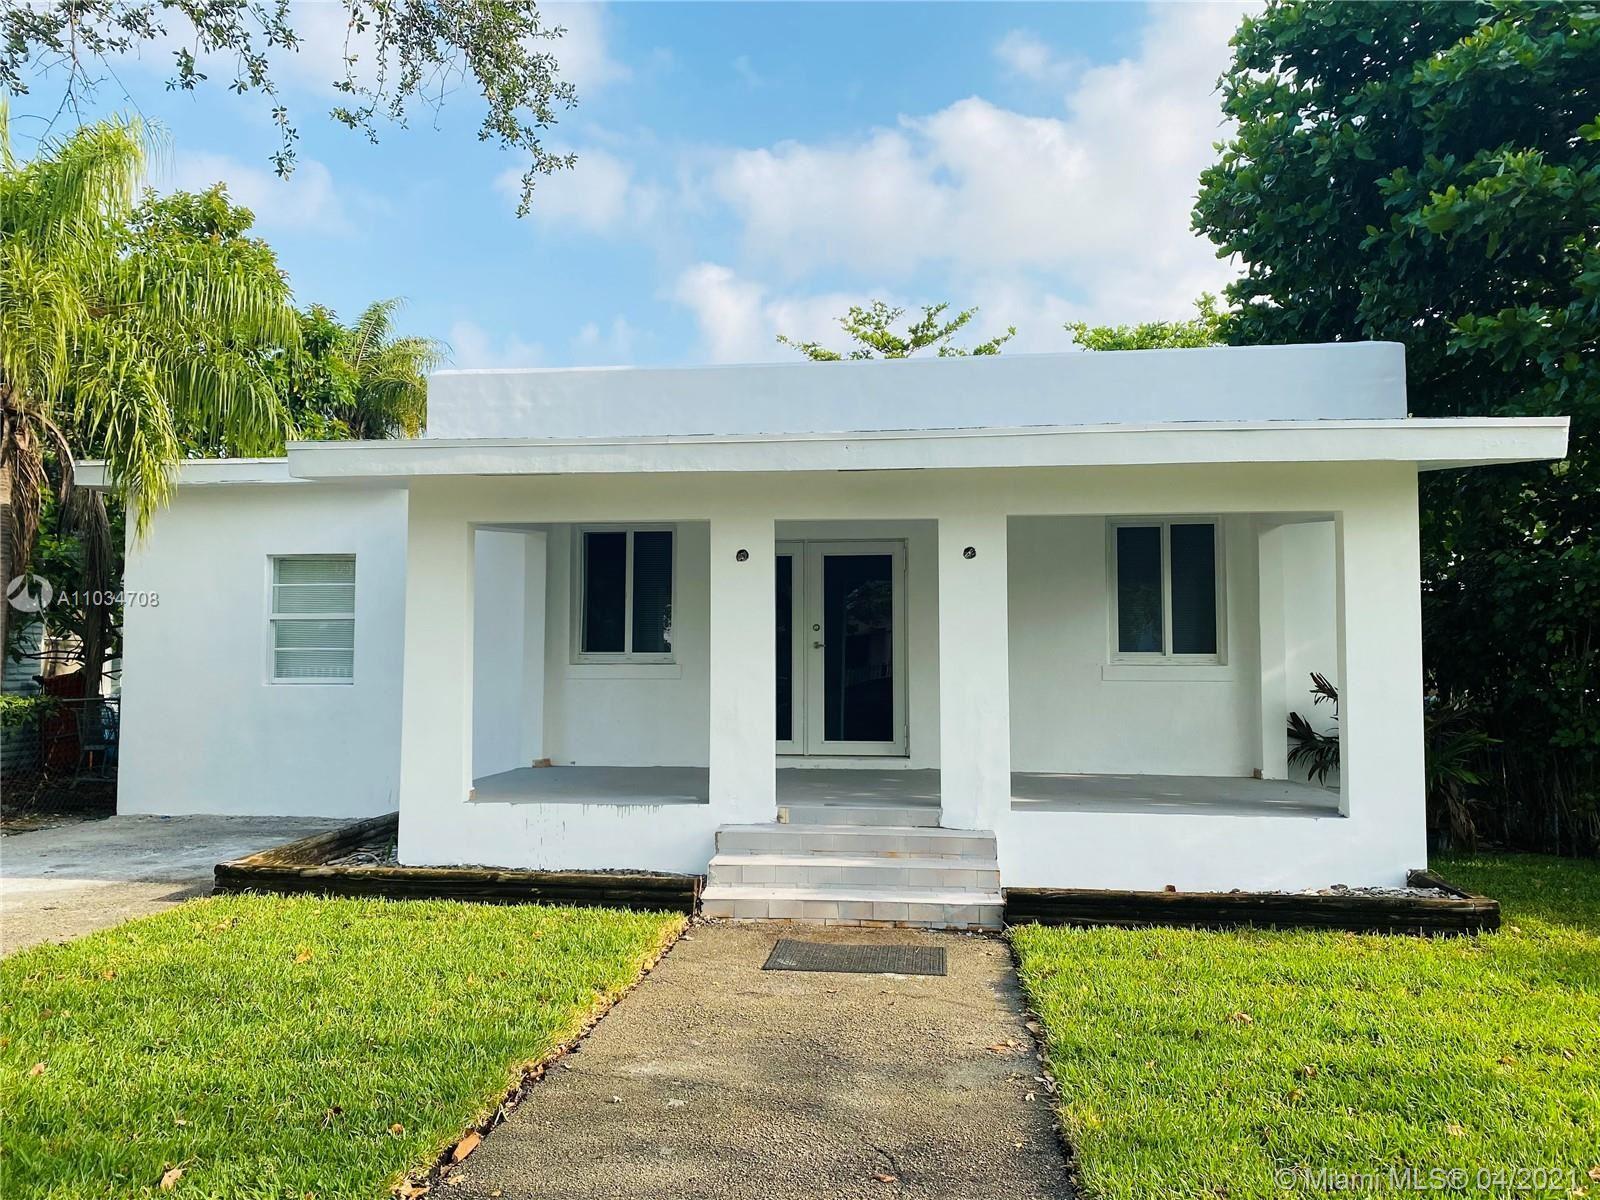 401 NW 40th St, Miami, FL 33127 - #: A11034708